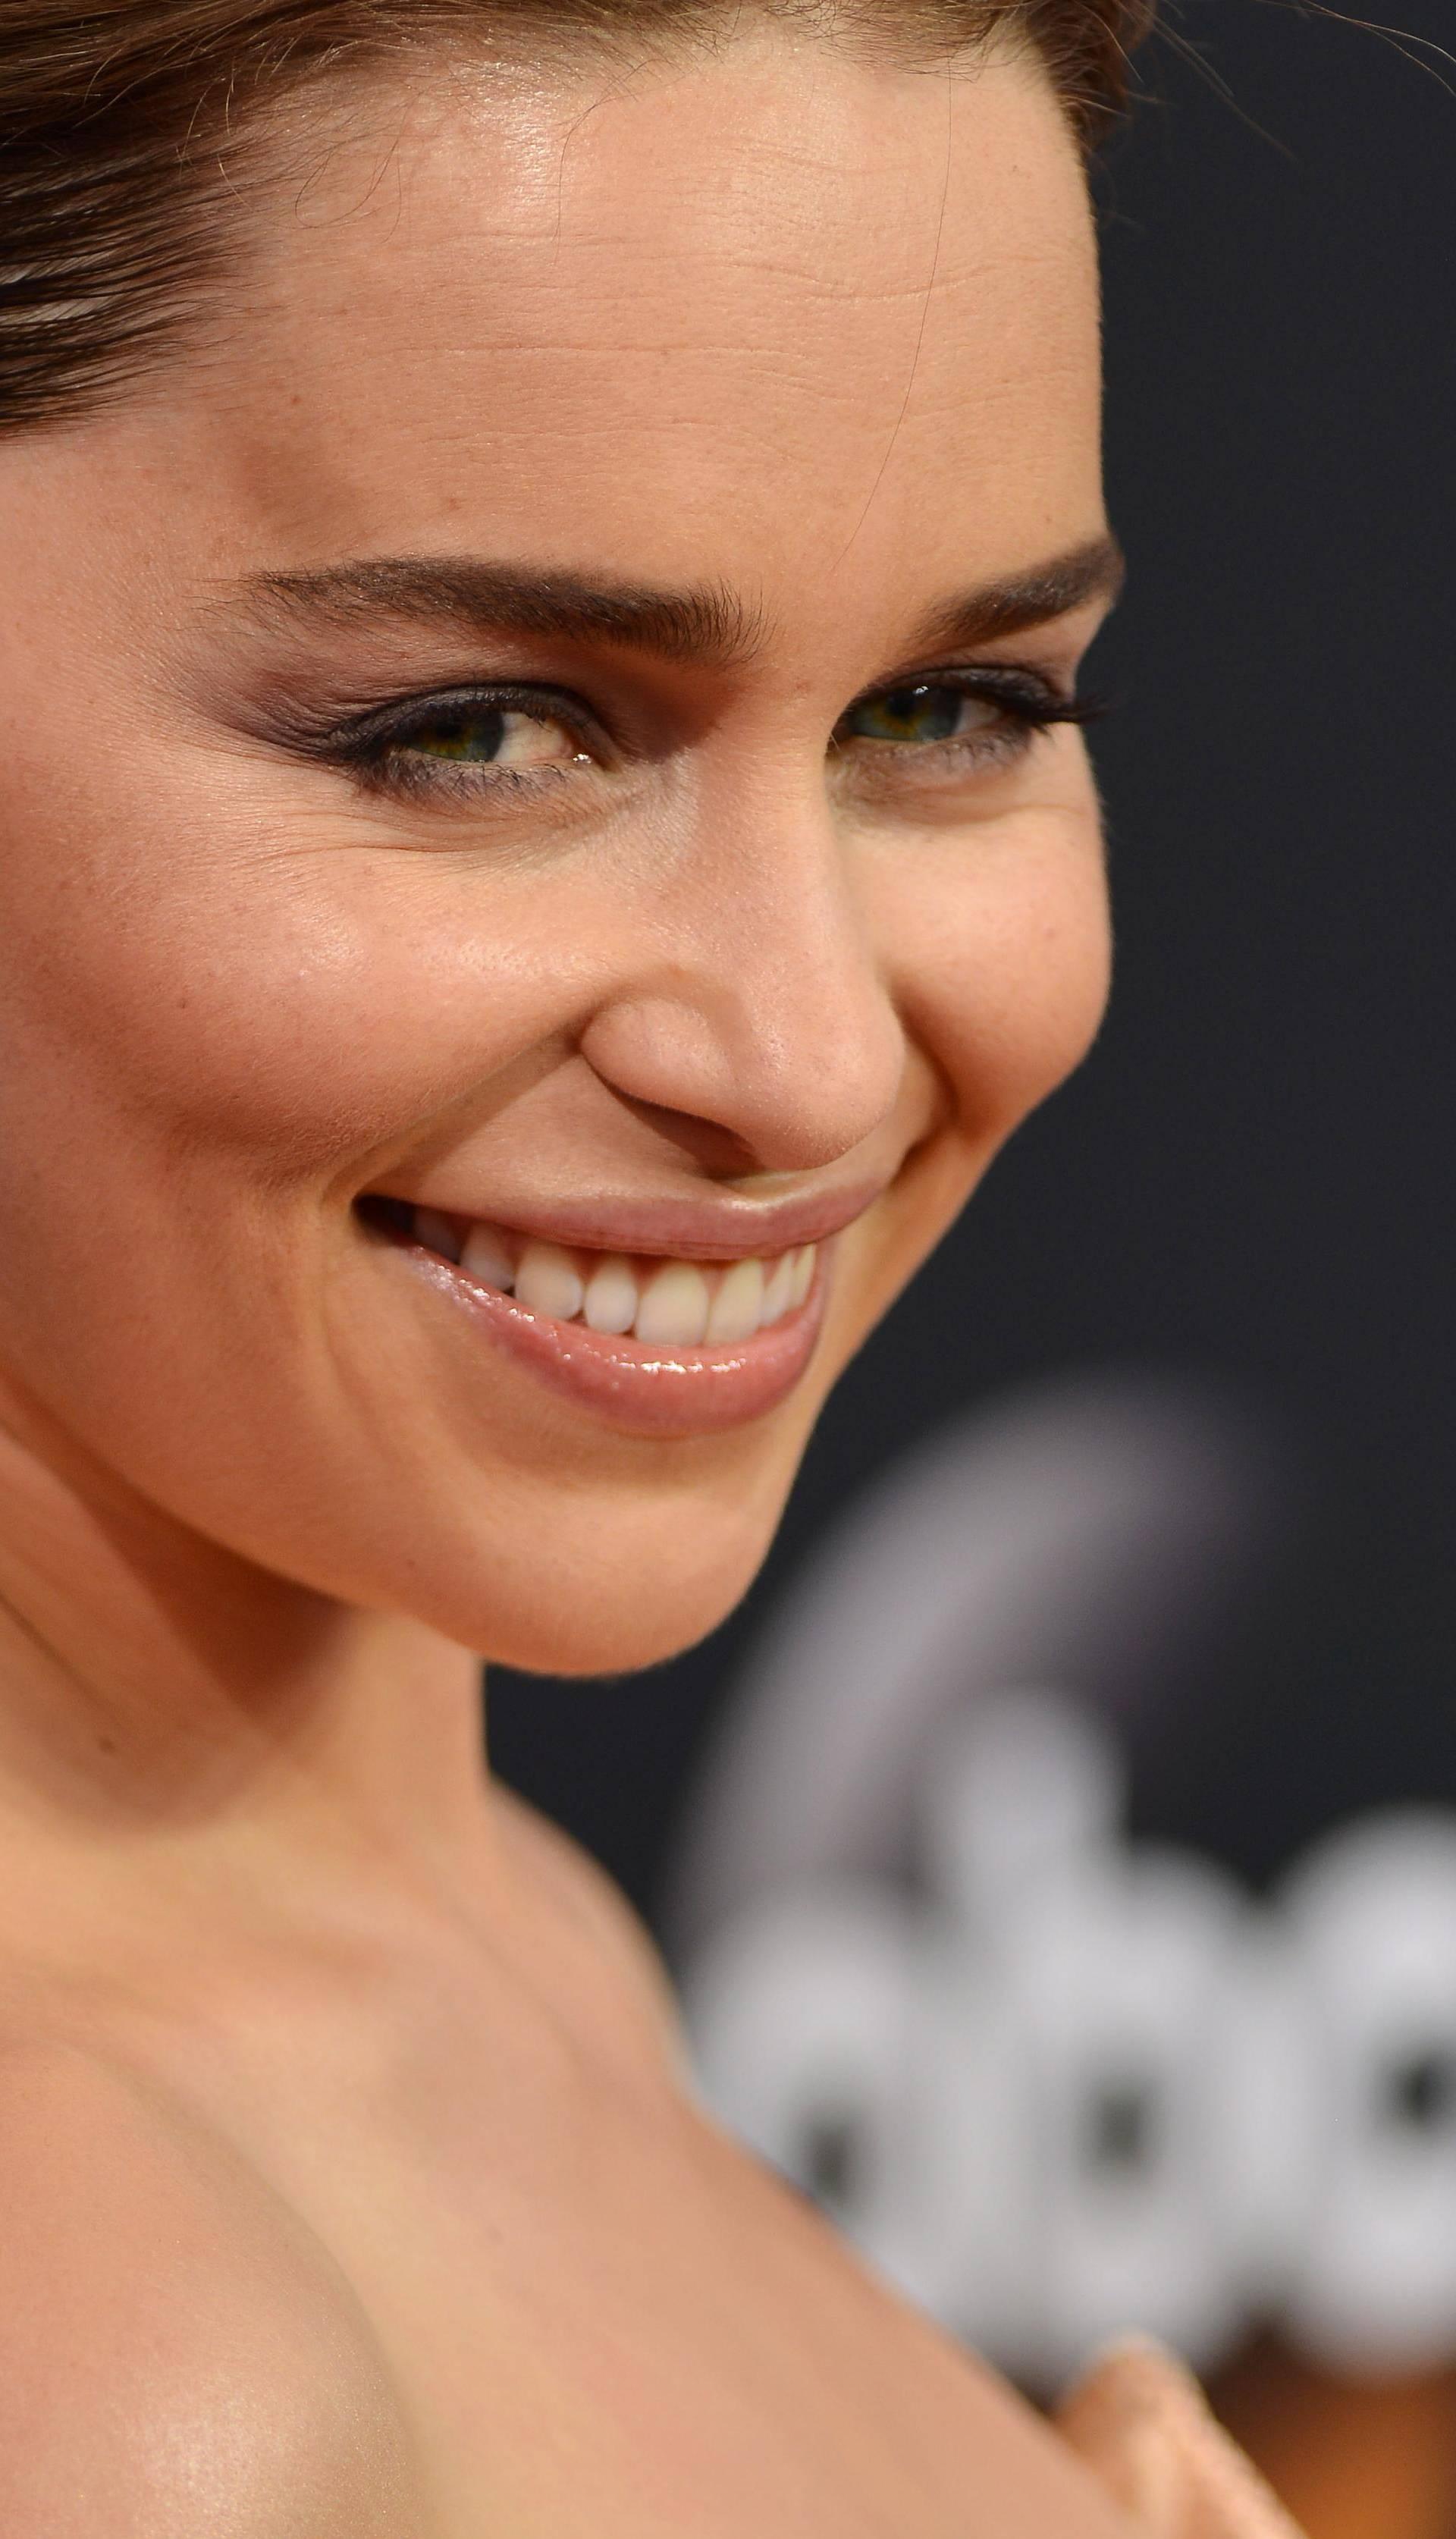 68th Primetime Emmy Awards Arrivals - LA